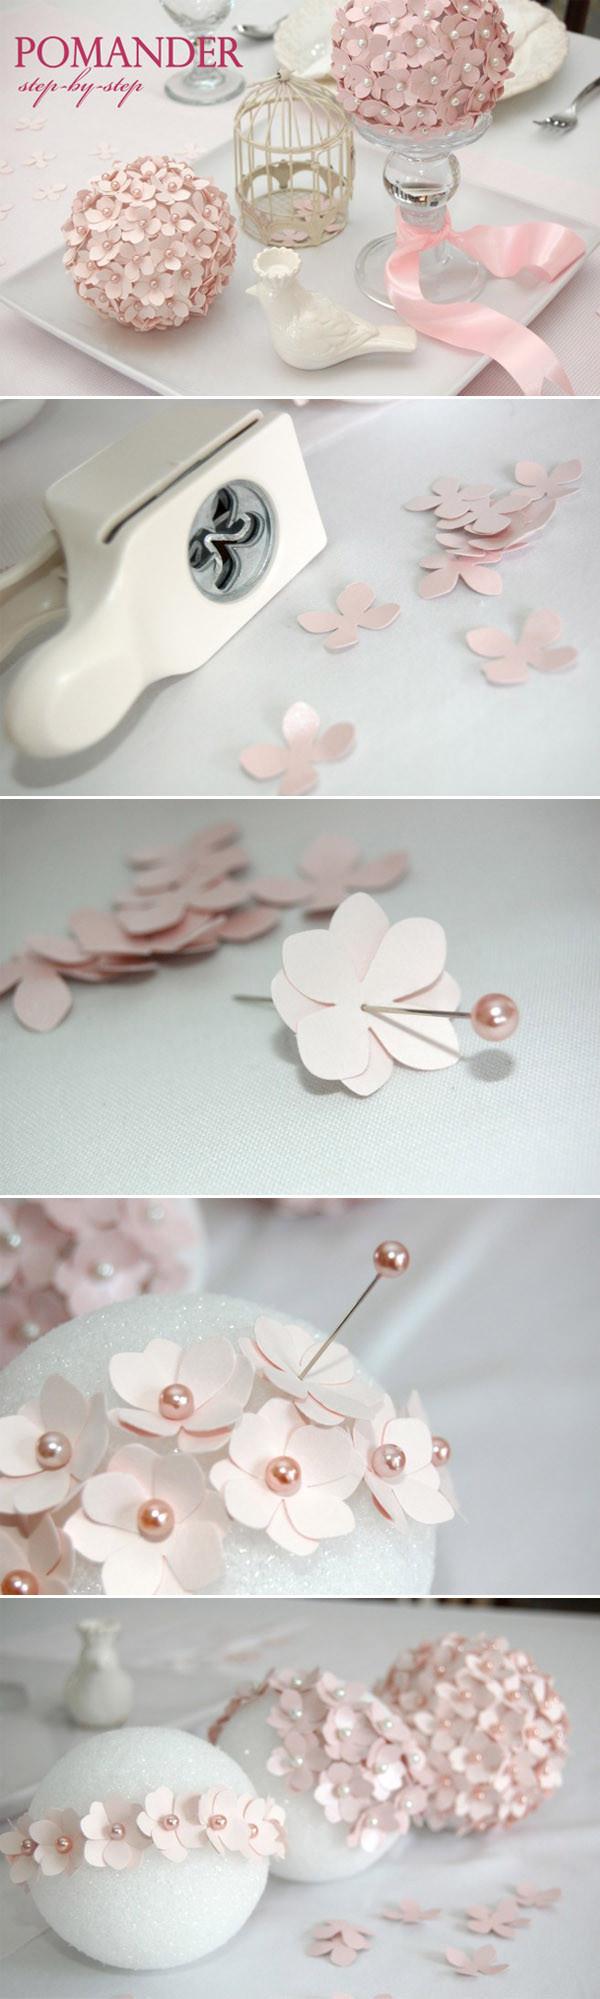 Best ideas about Wedding Centerpieces Ideas DIY . Save or Pin 10 Creative DIY Wedding Centerpieces With Tutorials Now.